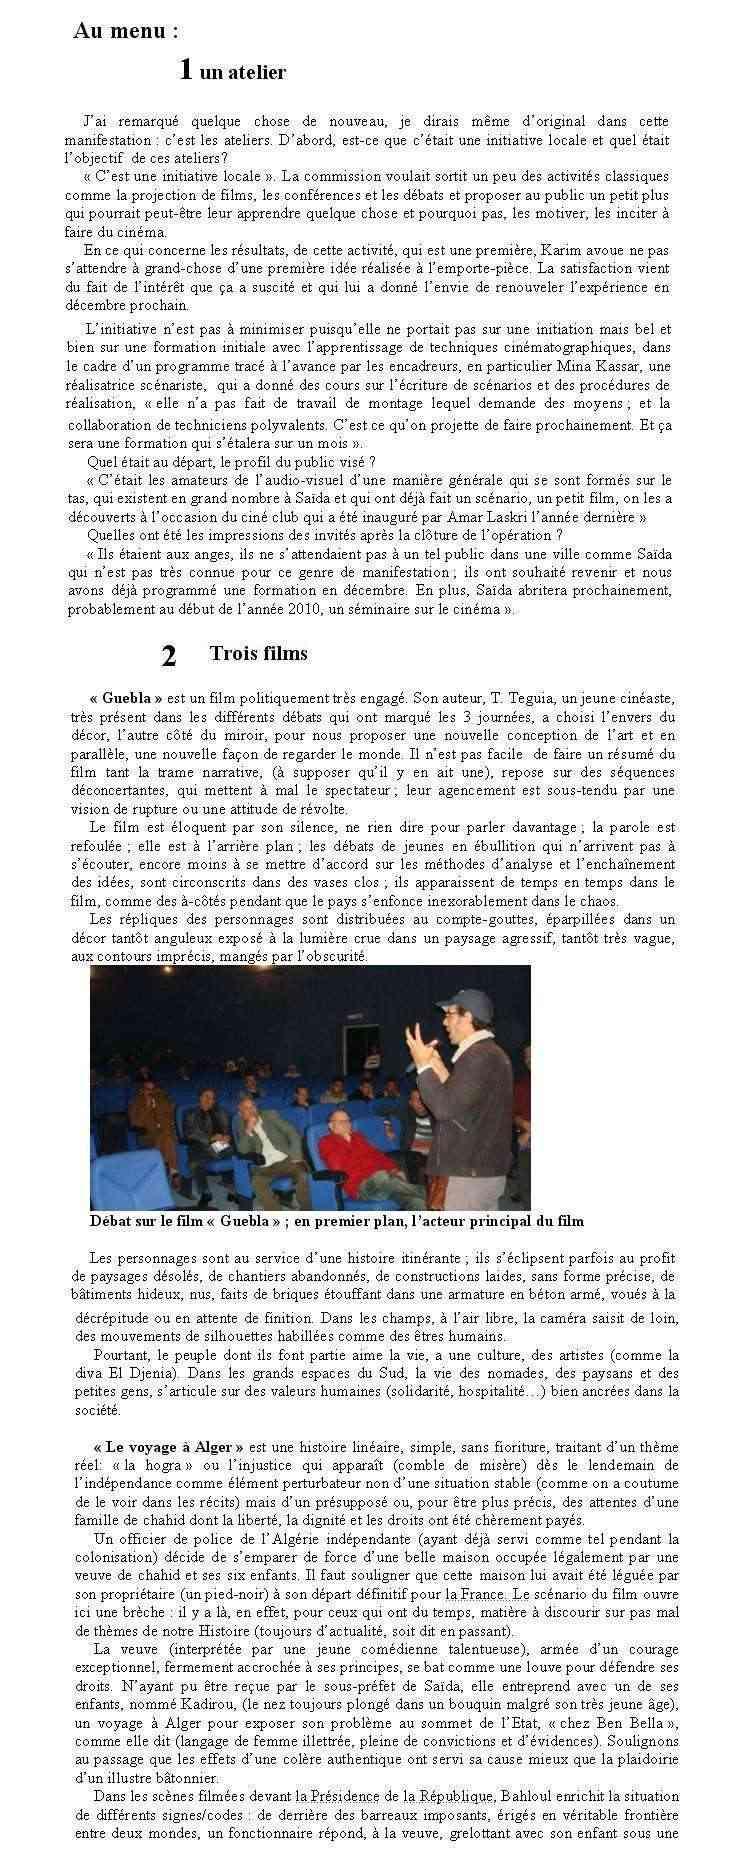 cinéma à Saïda par aouad djillali Cinama11